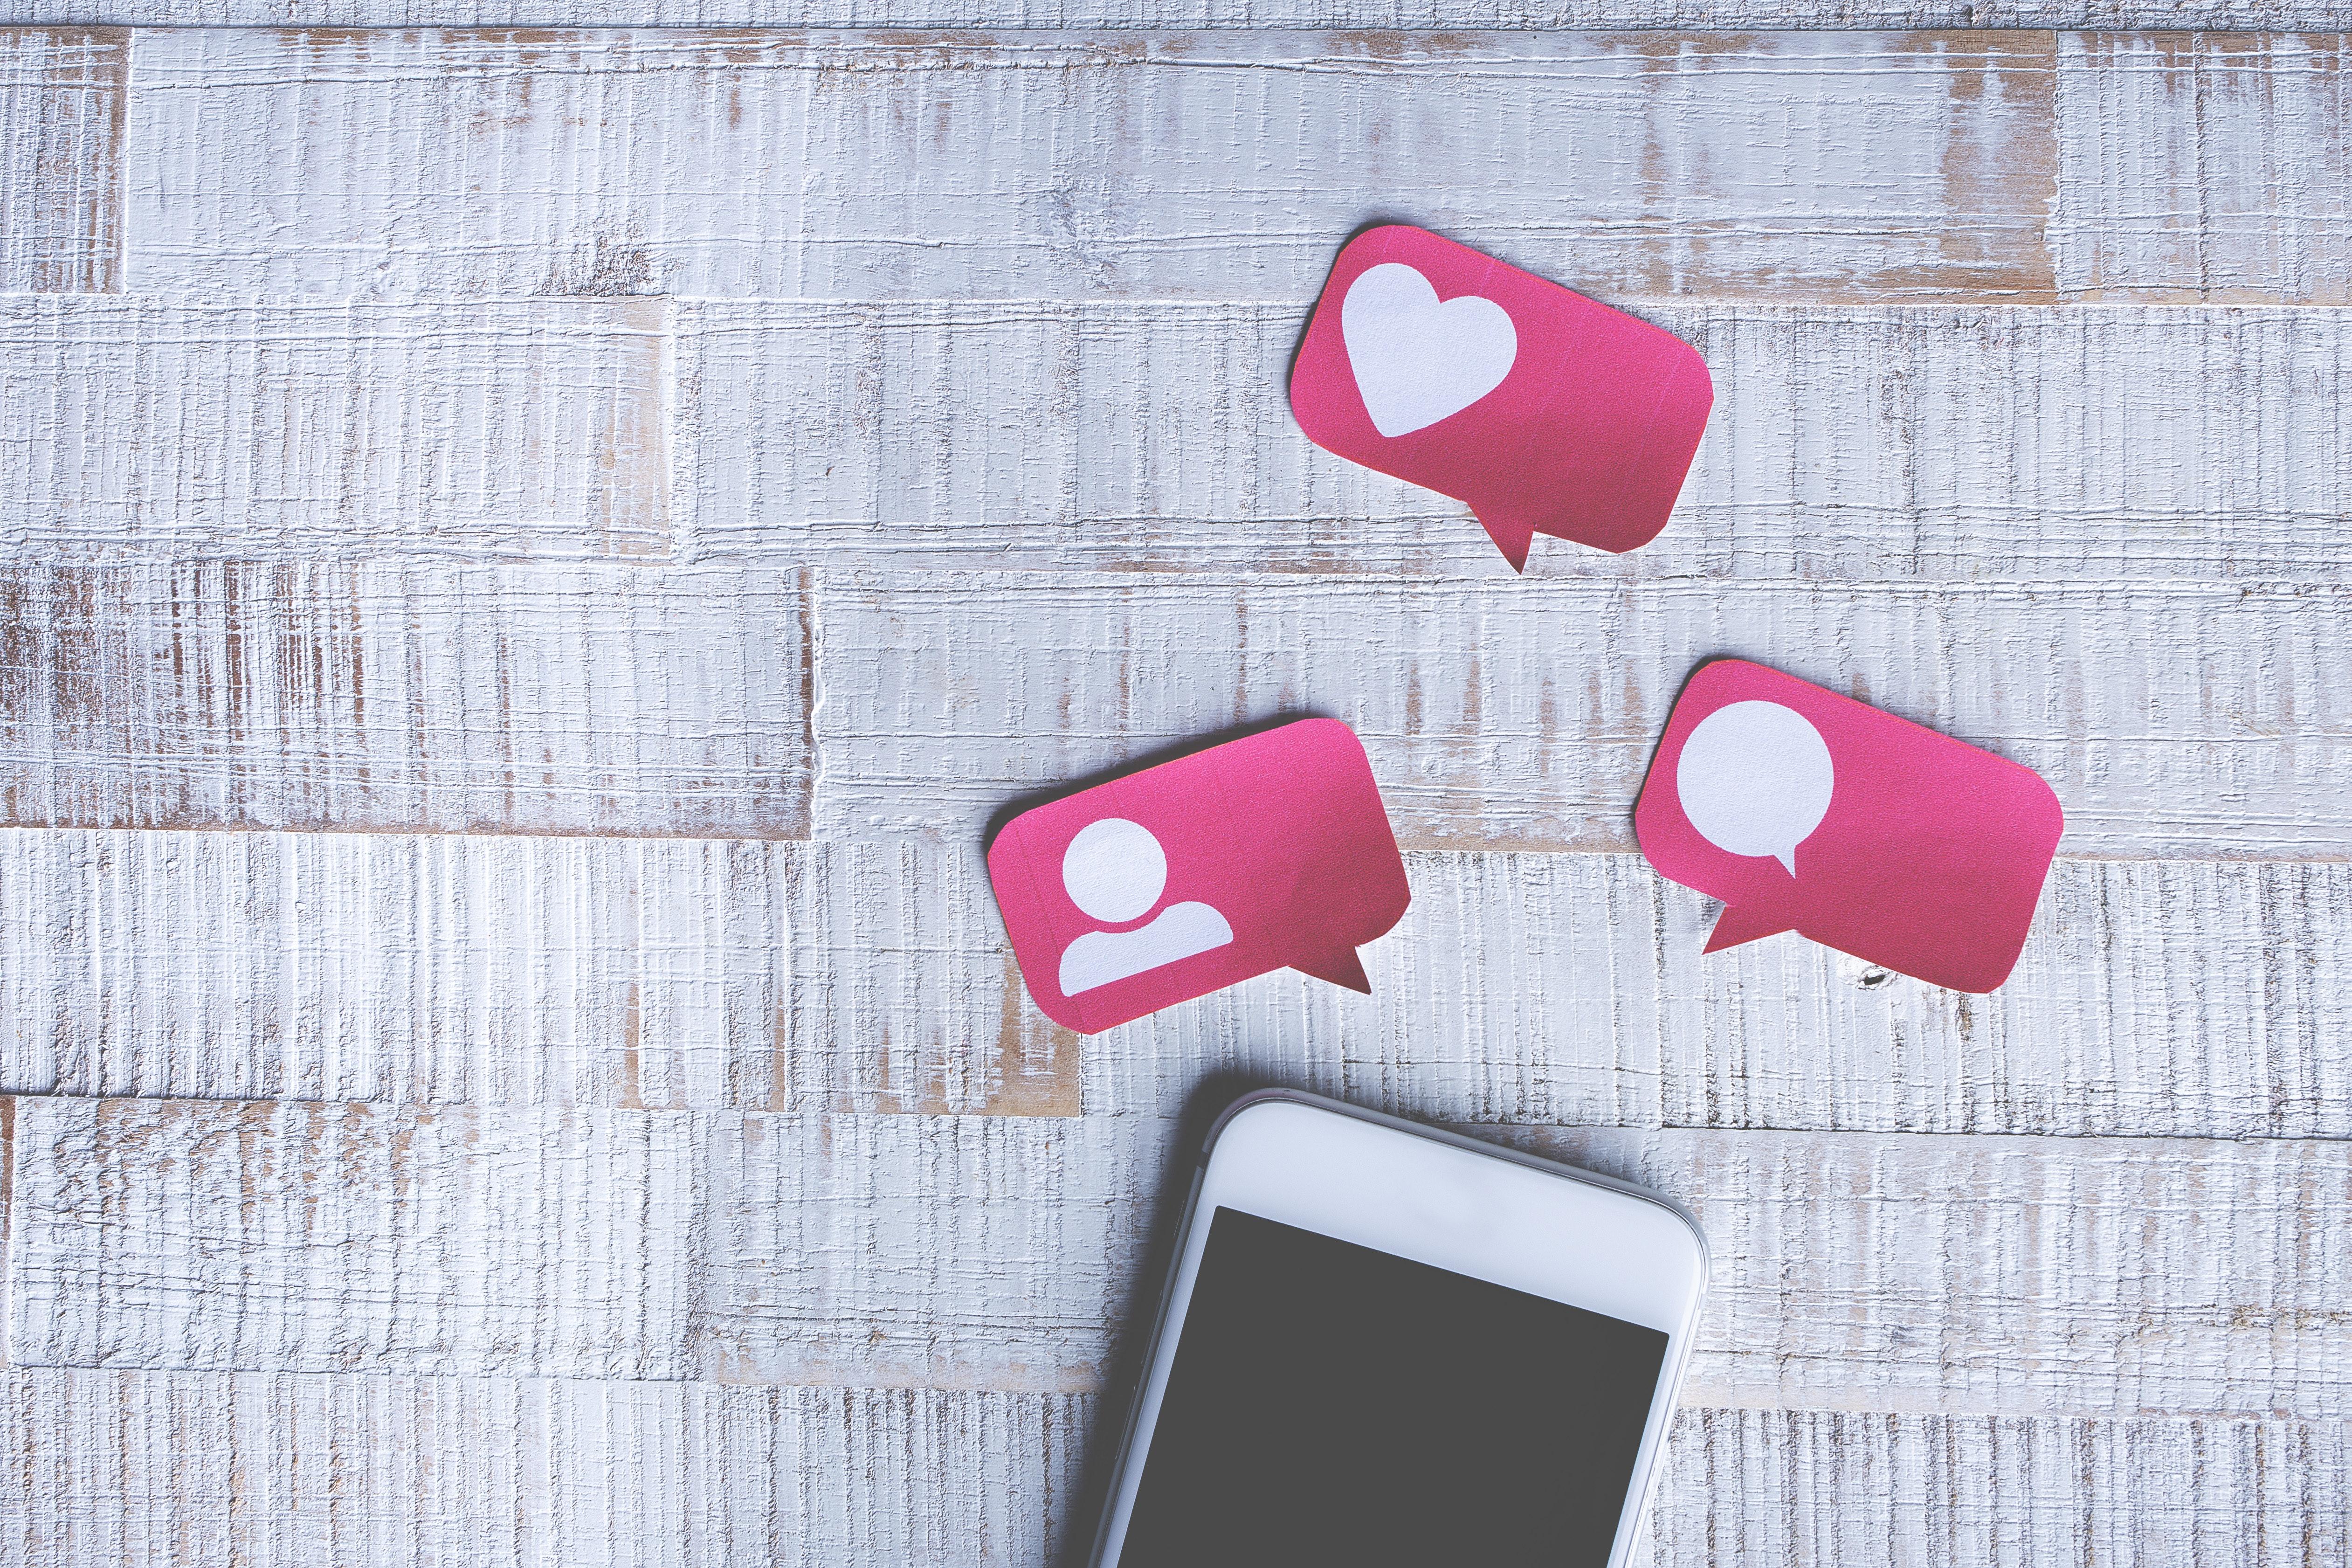 Handy Social Media